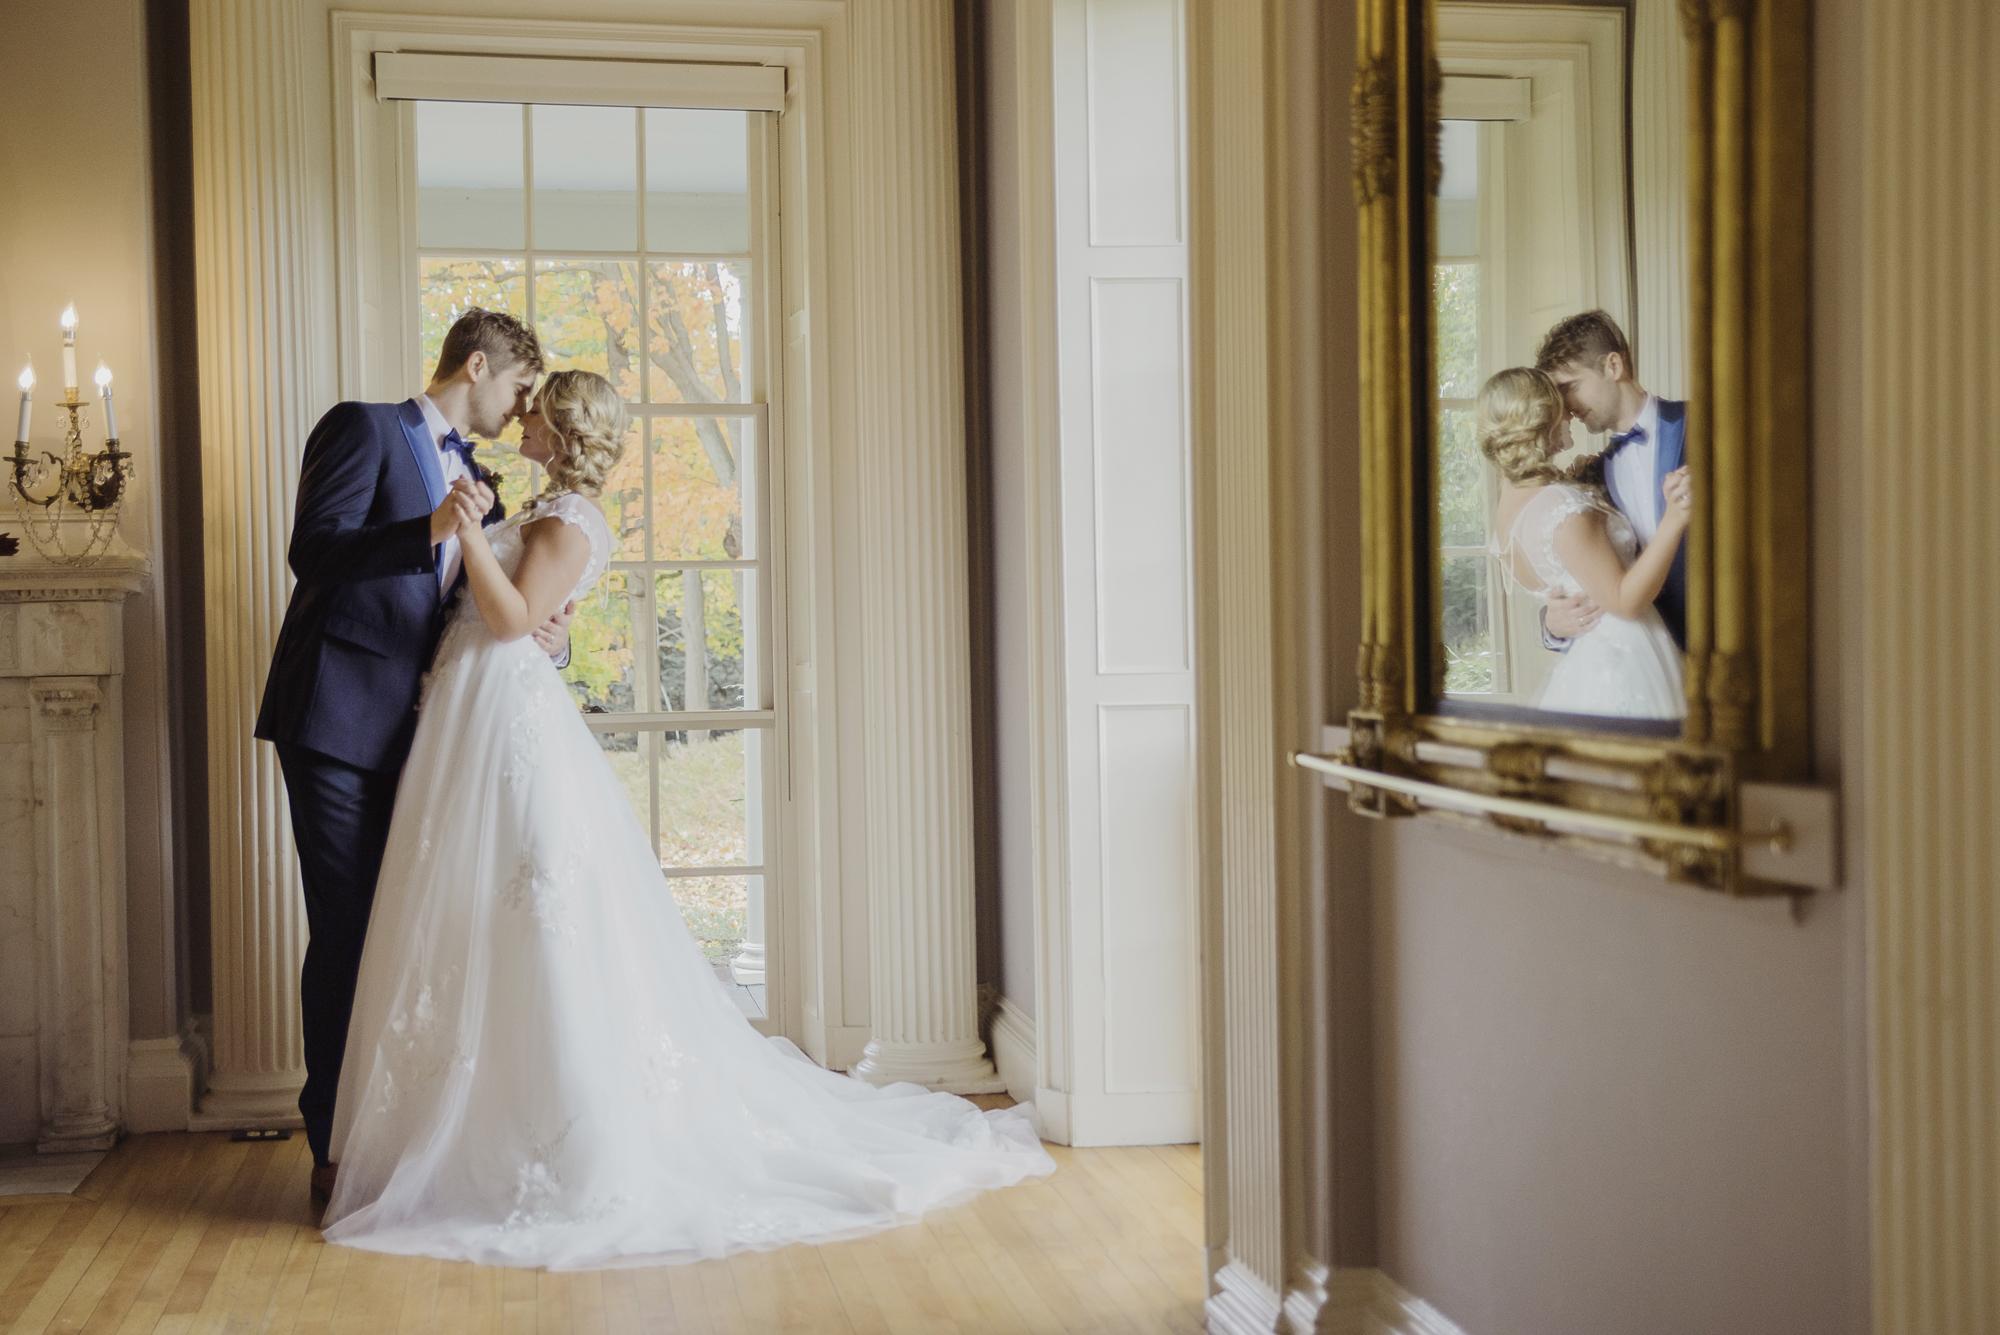 beautiful wedding photo inspiration mirror image and elegant wedding dress under $1000